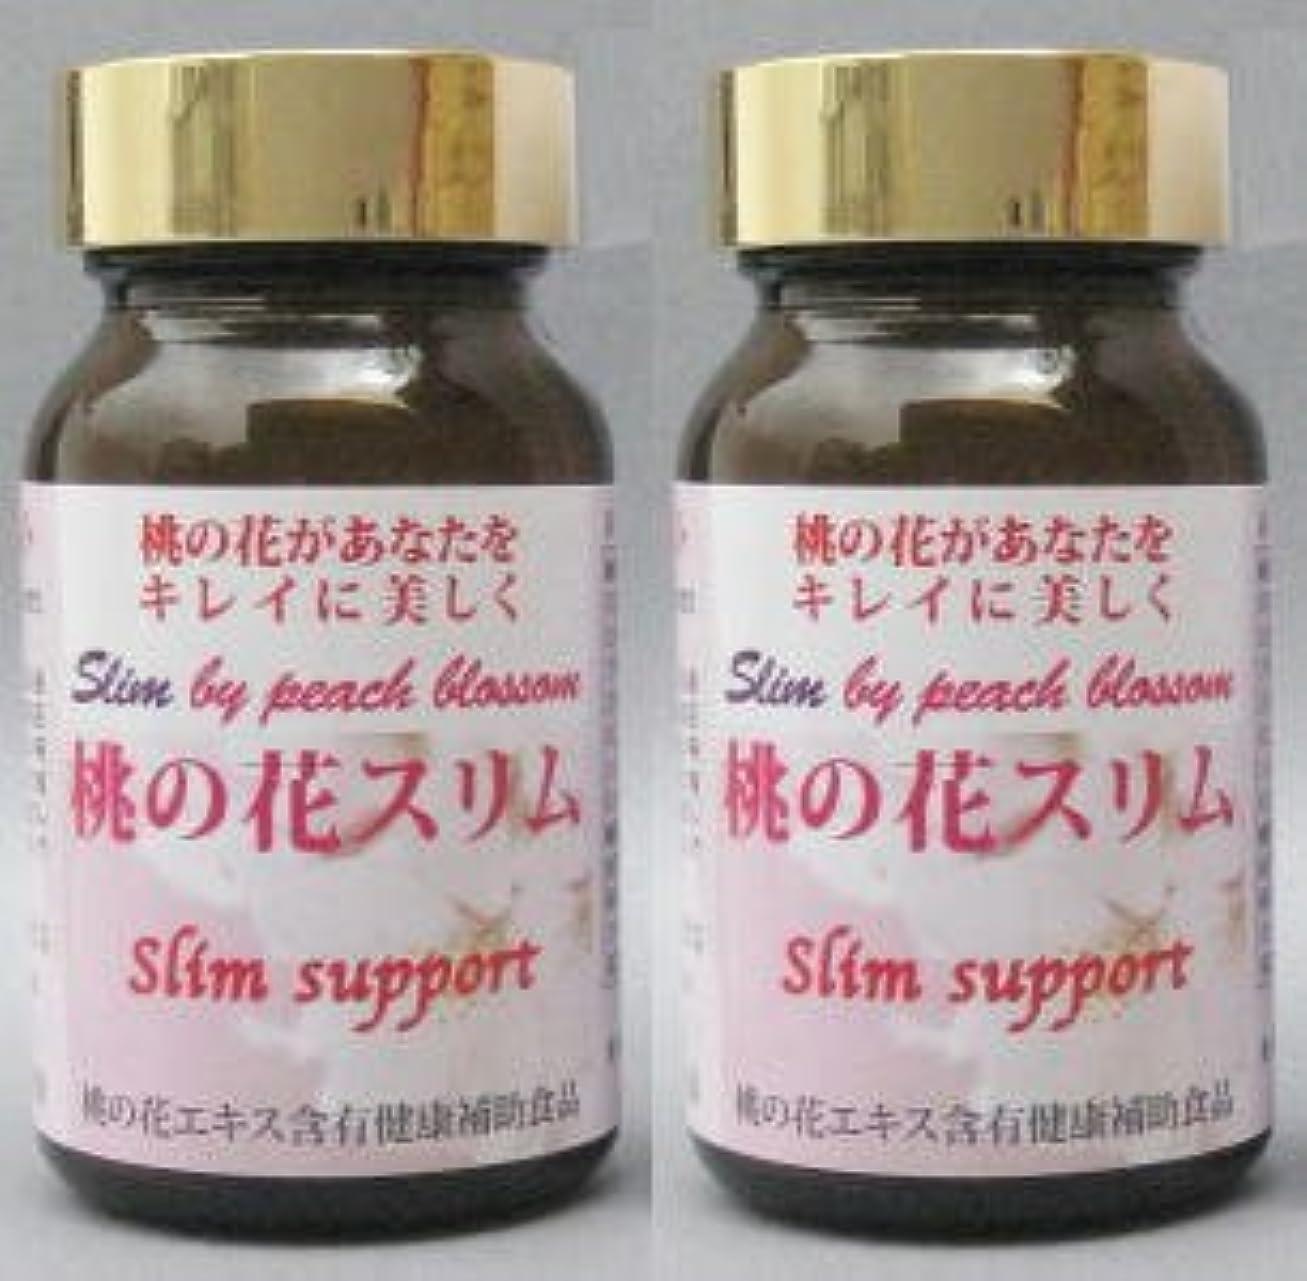 疼痛ブランド個性Slim support 桃の花エキス含有健康補助食品 桃の花スリム 200mg×180粒 2箱